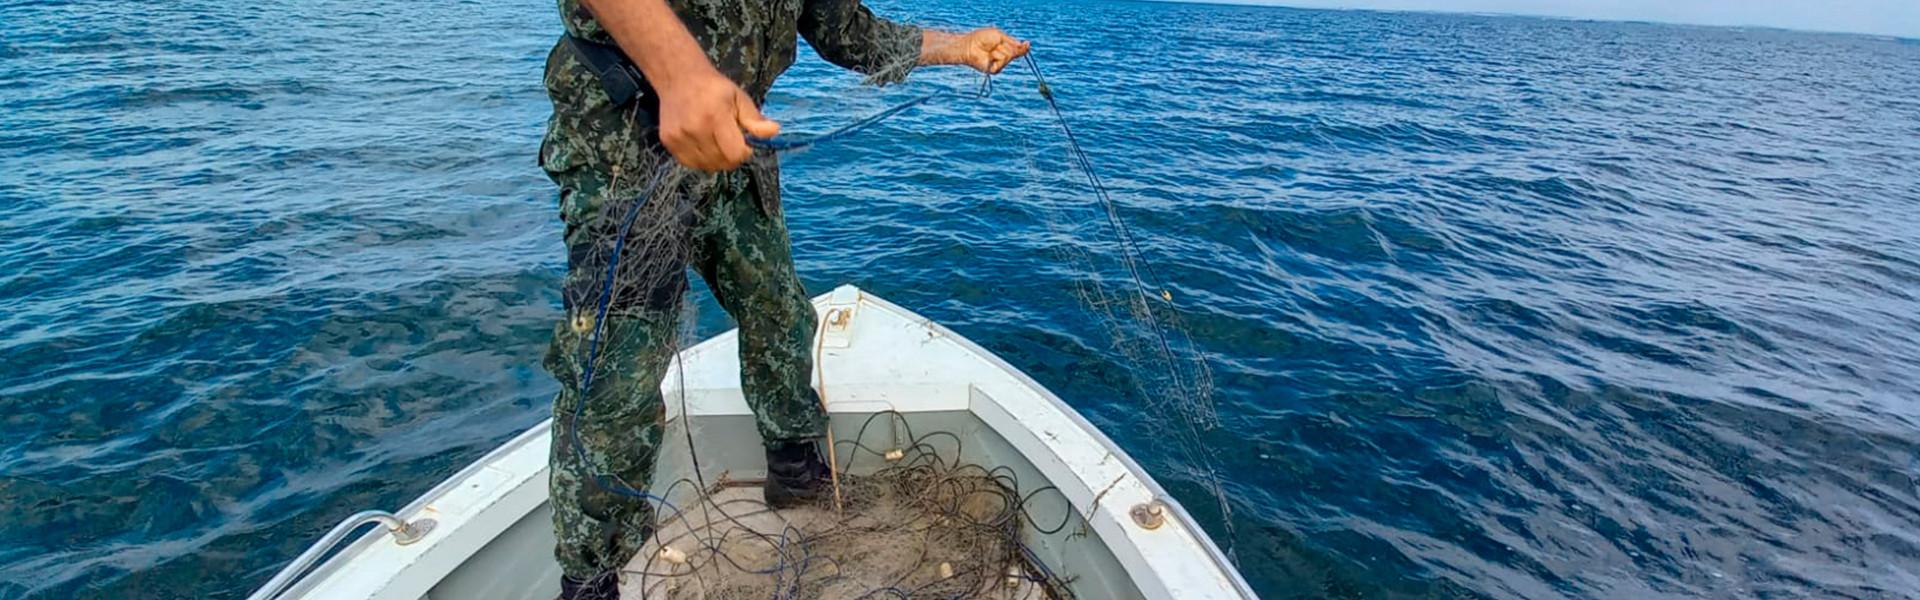 Pesca ilícita no Rio Paraná e a luta diária pelo seu fim